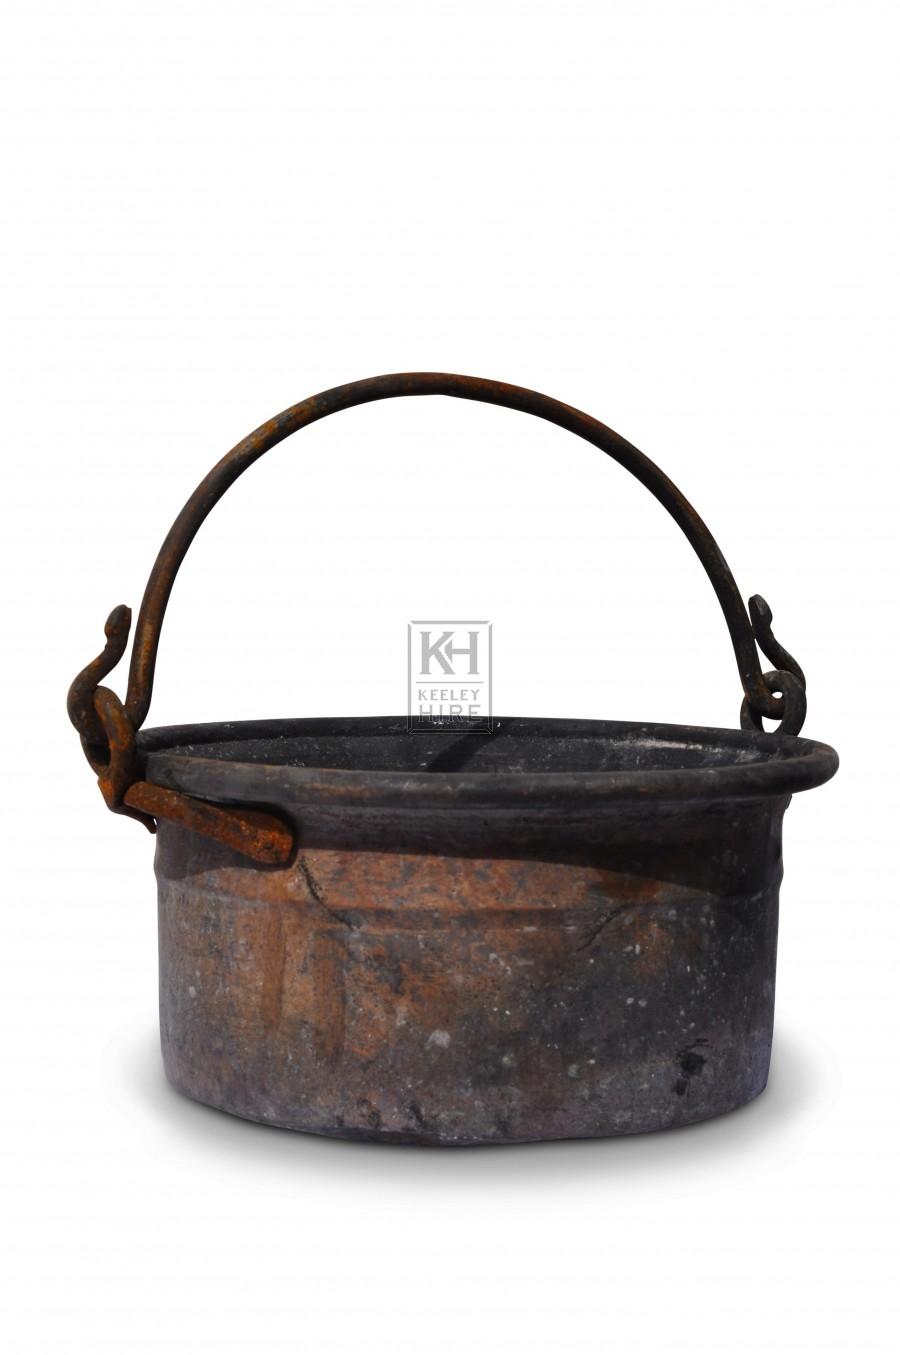 Shallow Cooking Pot